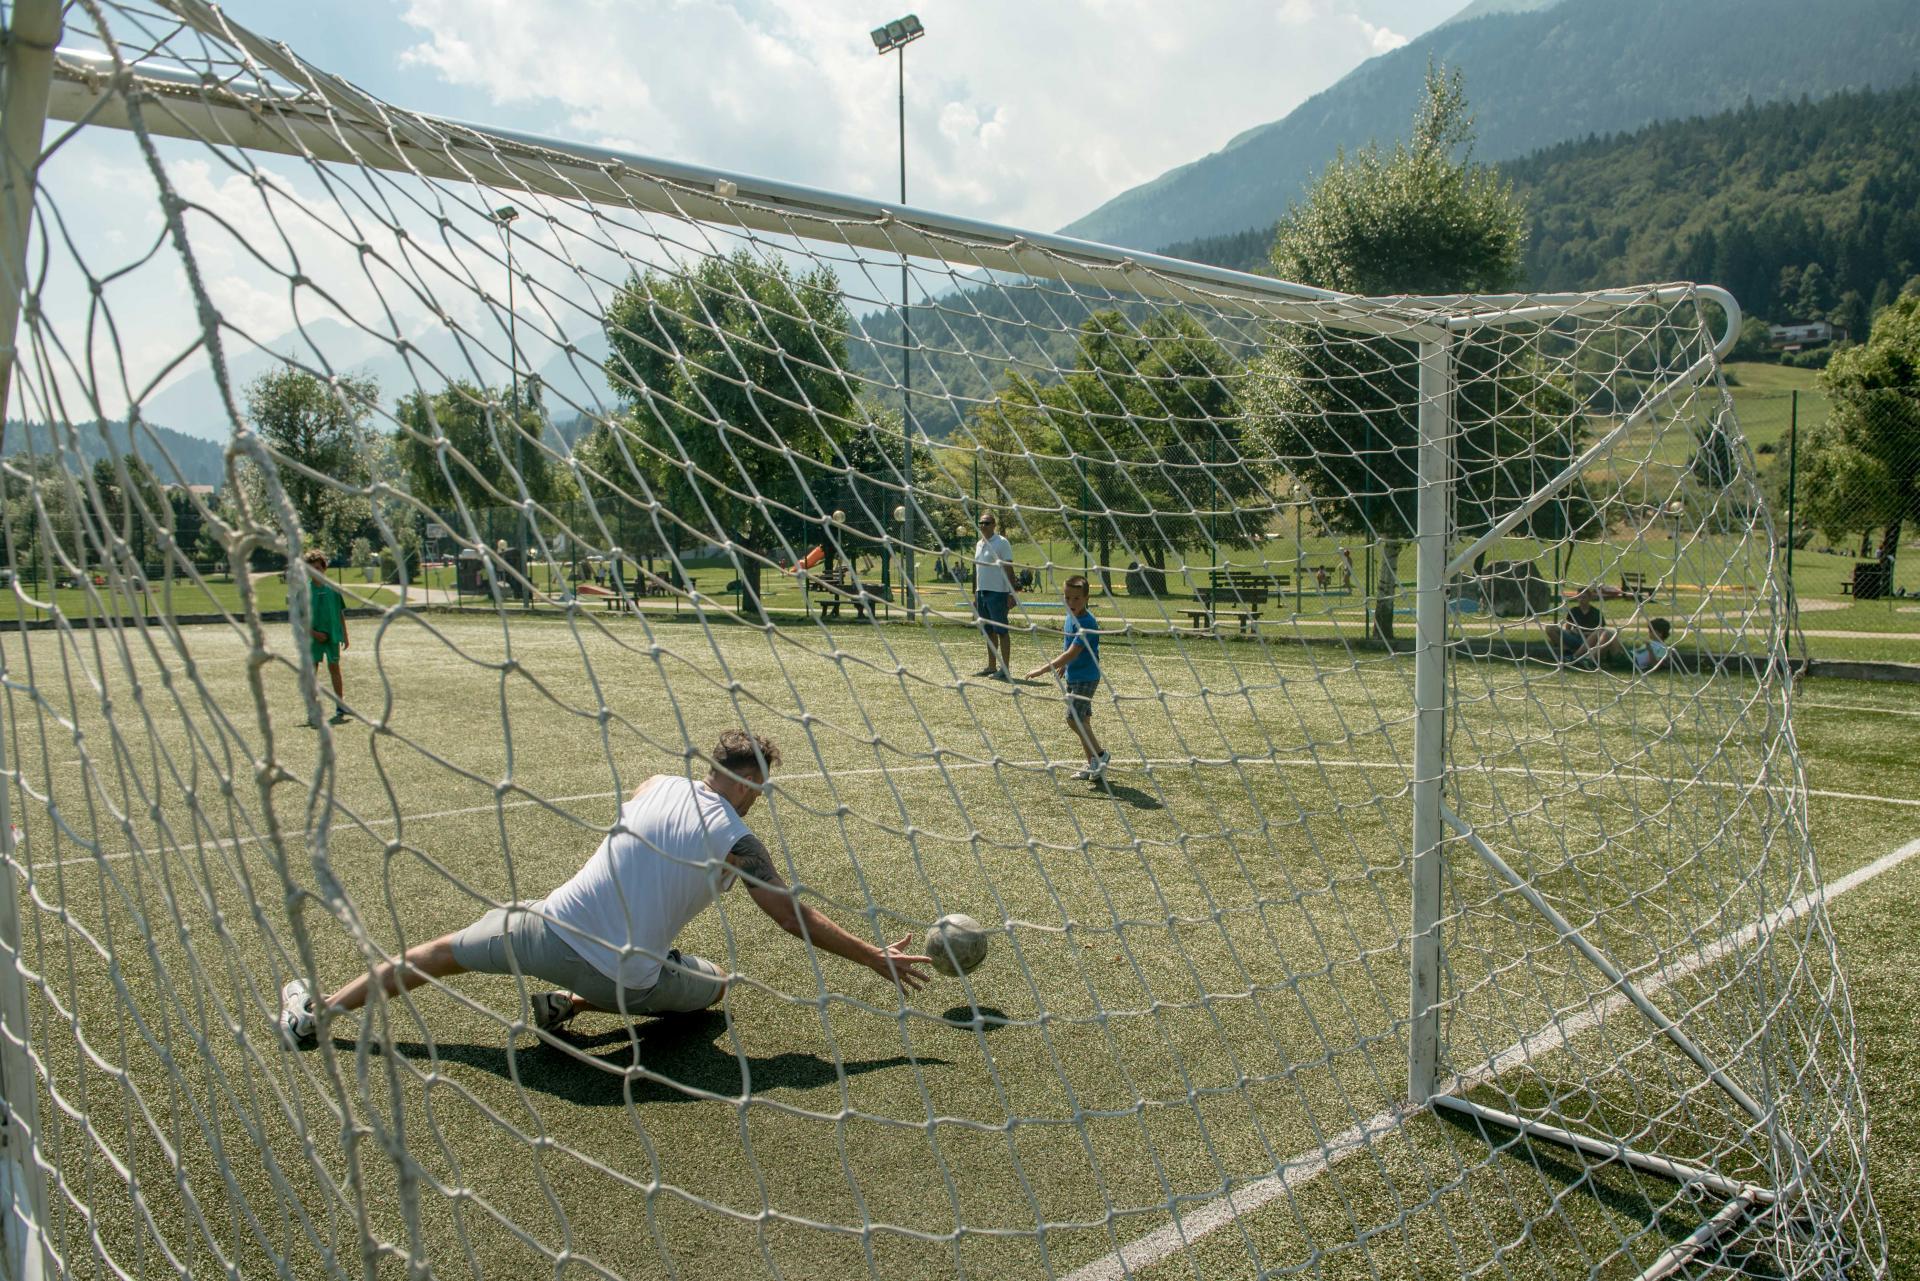 2016_PHMatteoDeStefano_Andalo_bambini_giochi_montagna_family_calcio_sport_calcetto_parco_LifePark_Dolomiti_Paganella_Trentino_11.jpg